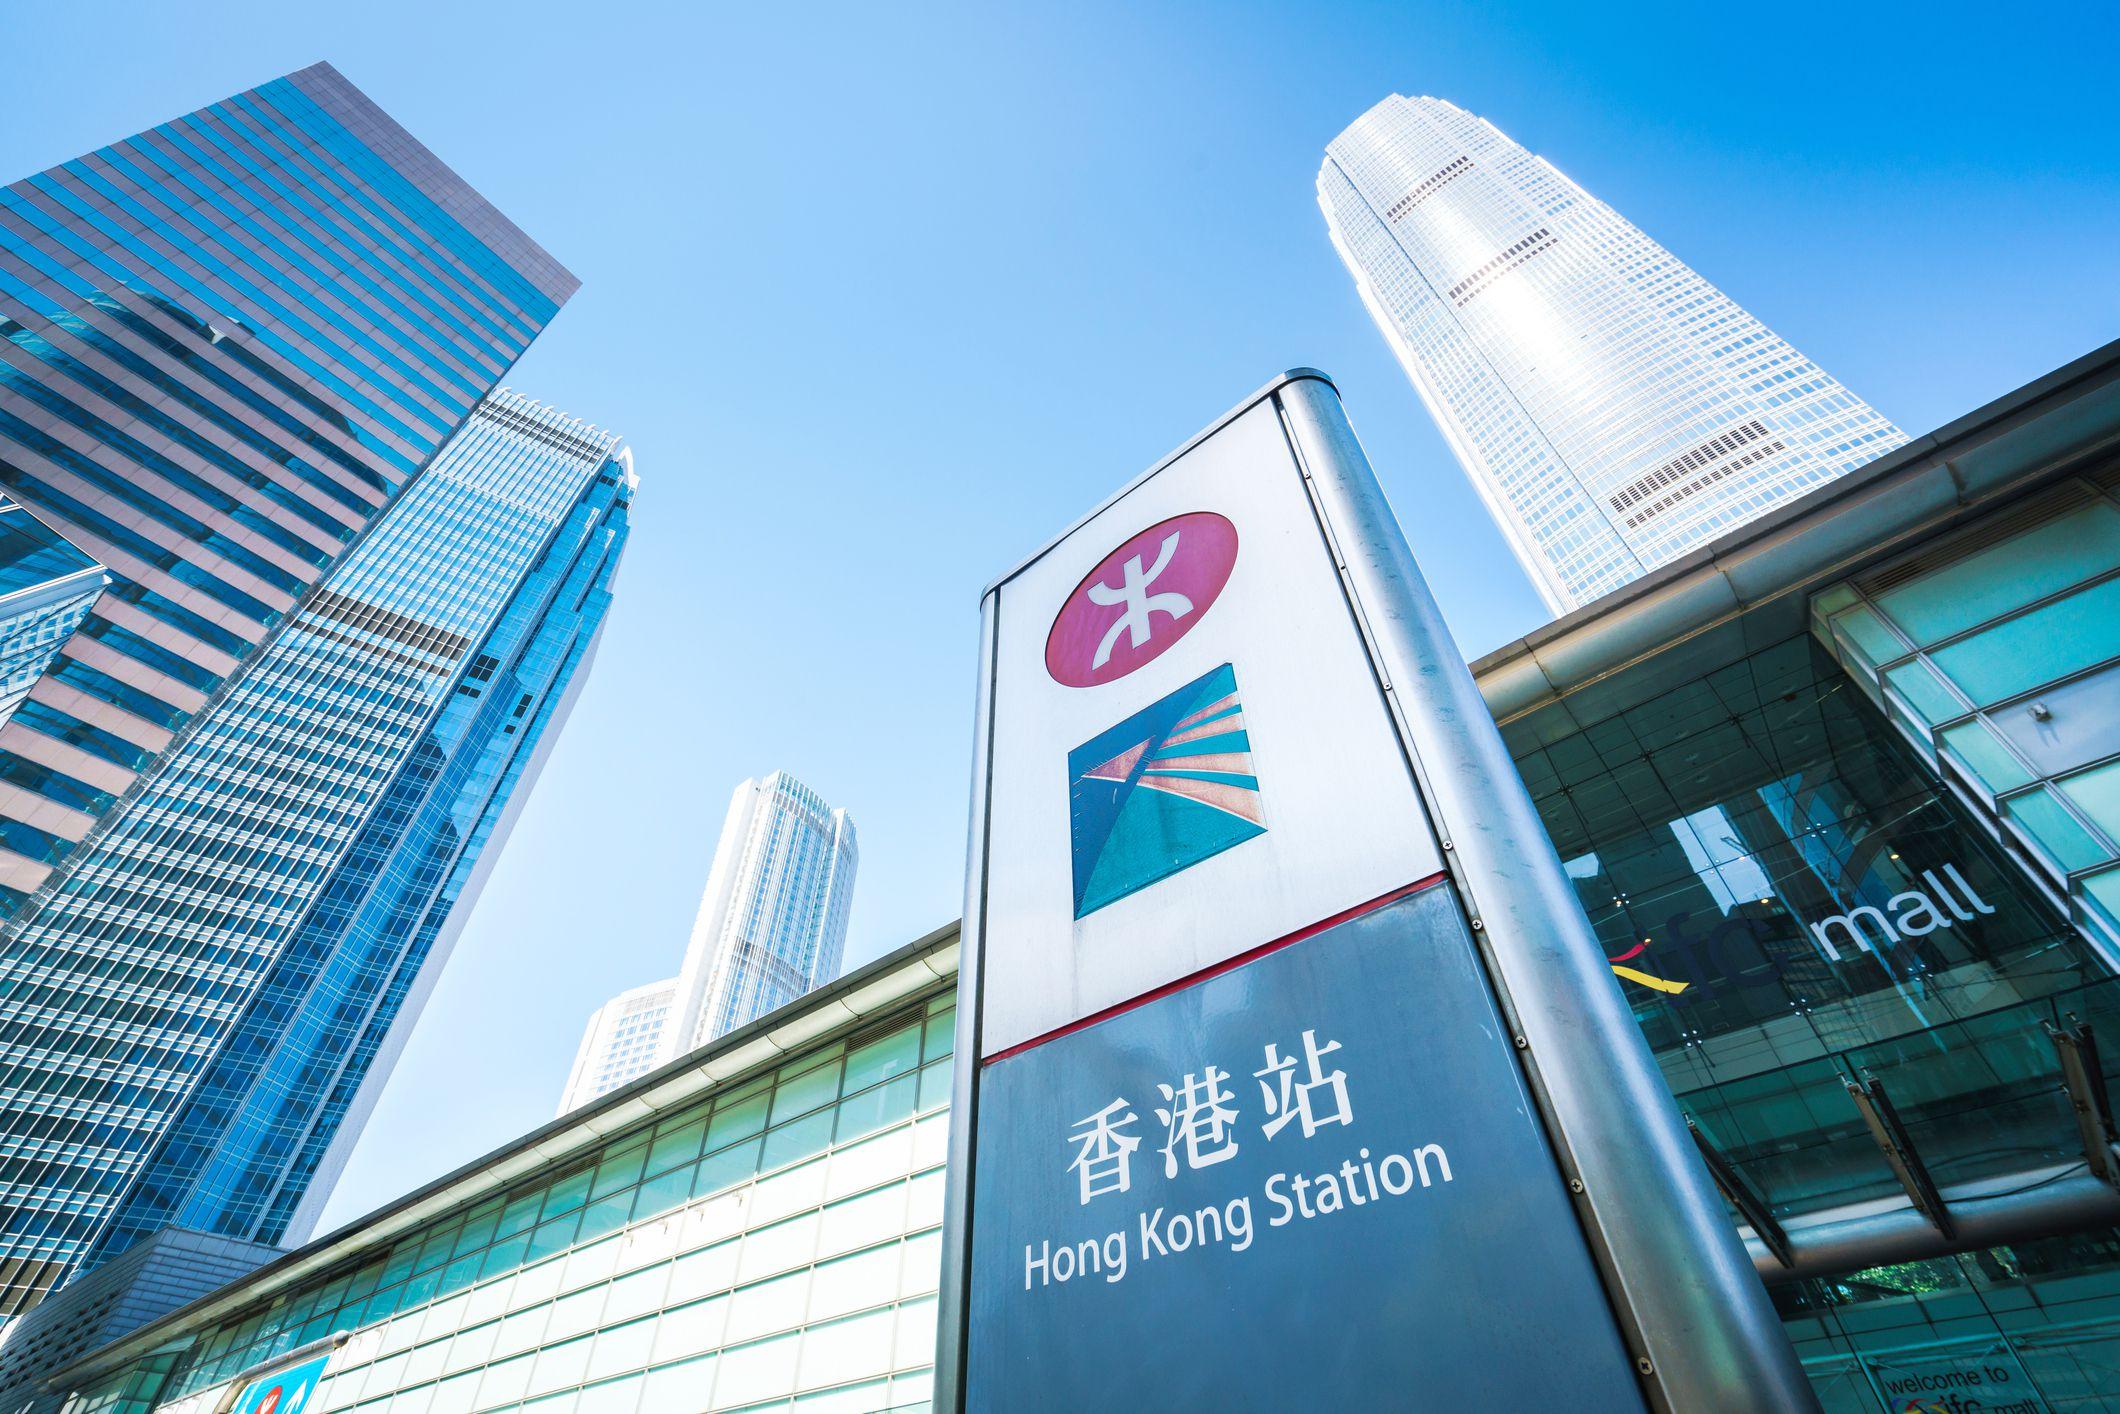 Guide To Hong Kong Station